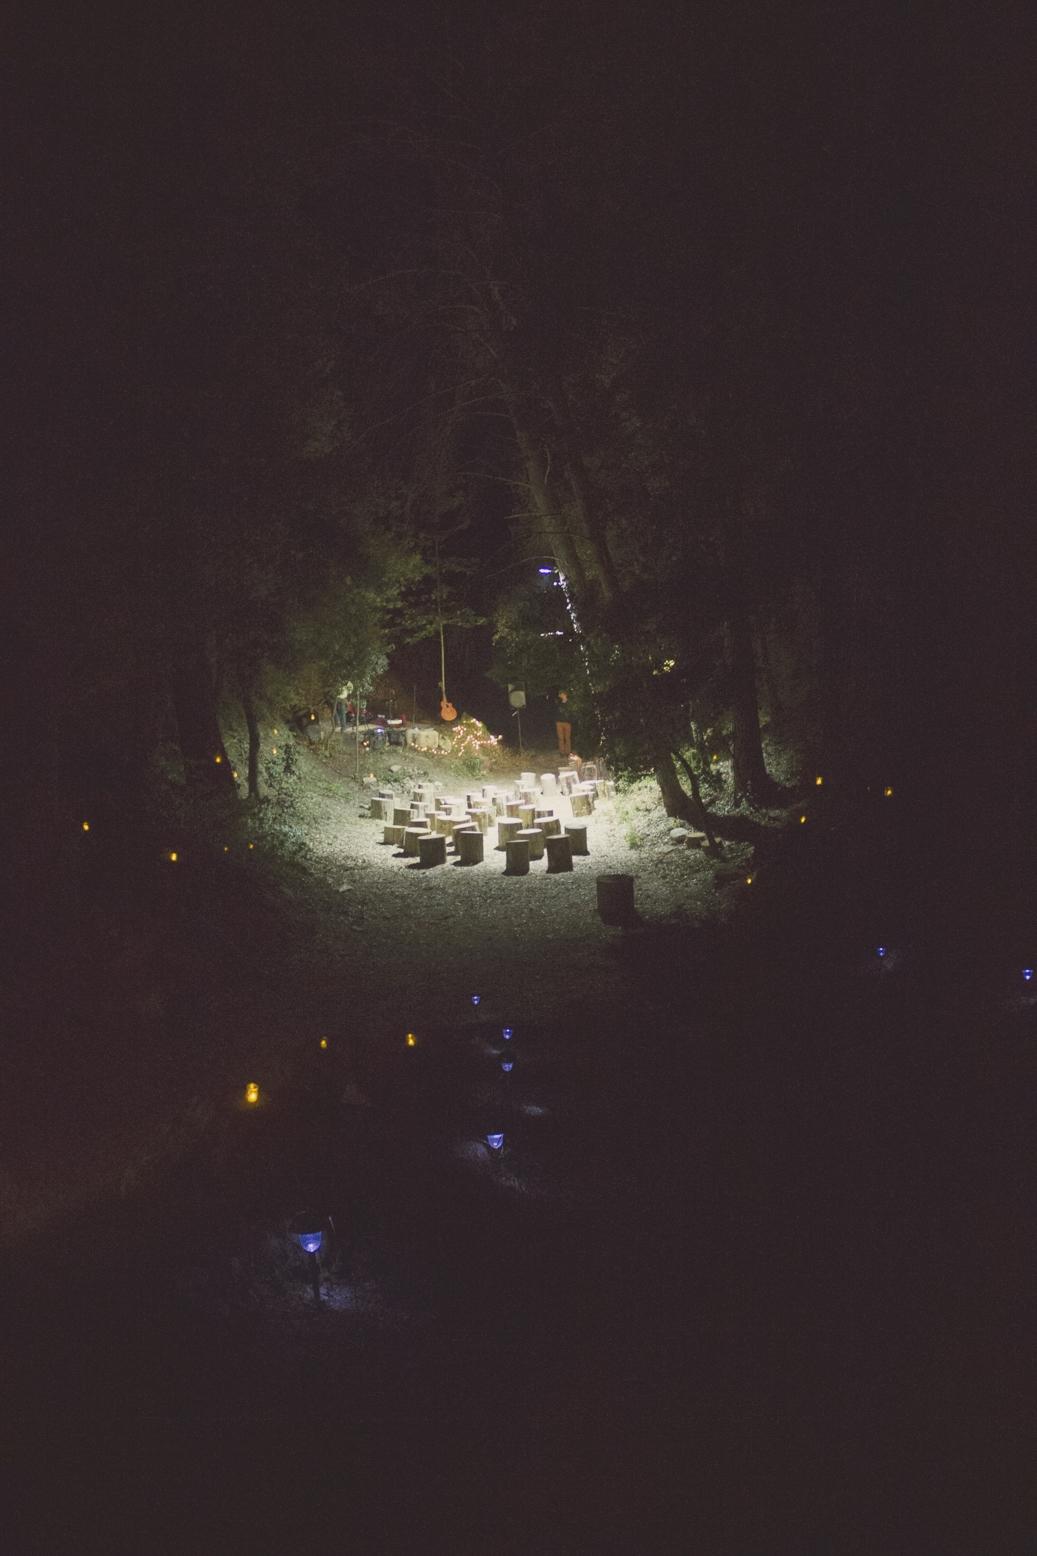 L'espai de l'Embosca't, al cor dels boscos d'Argençola